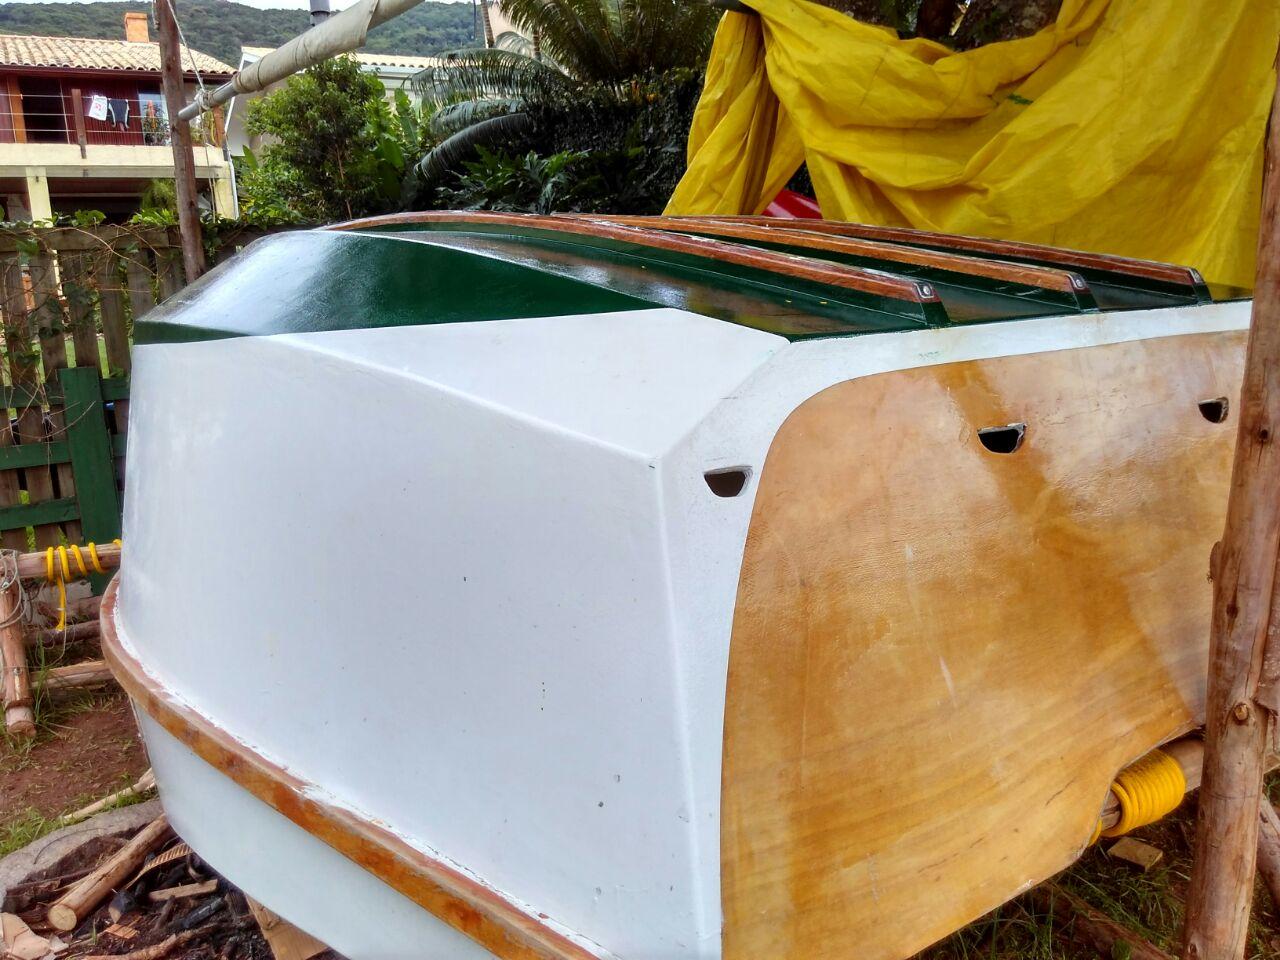 Aprenda a construir um barco sem sair de casa!